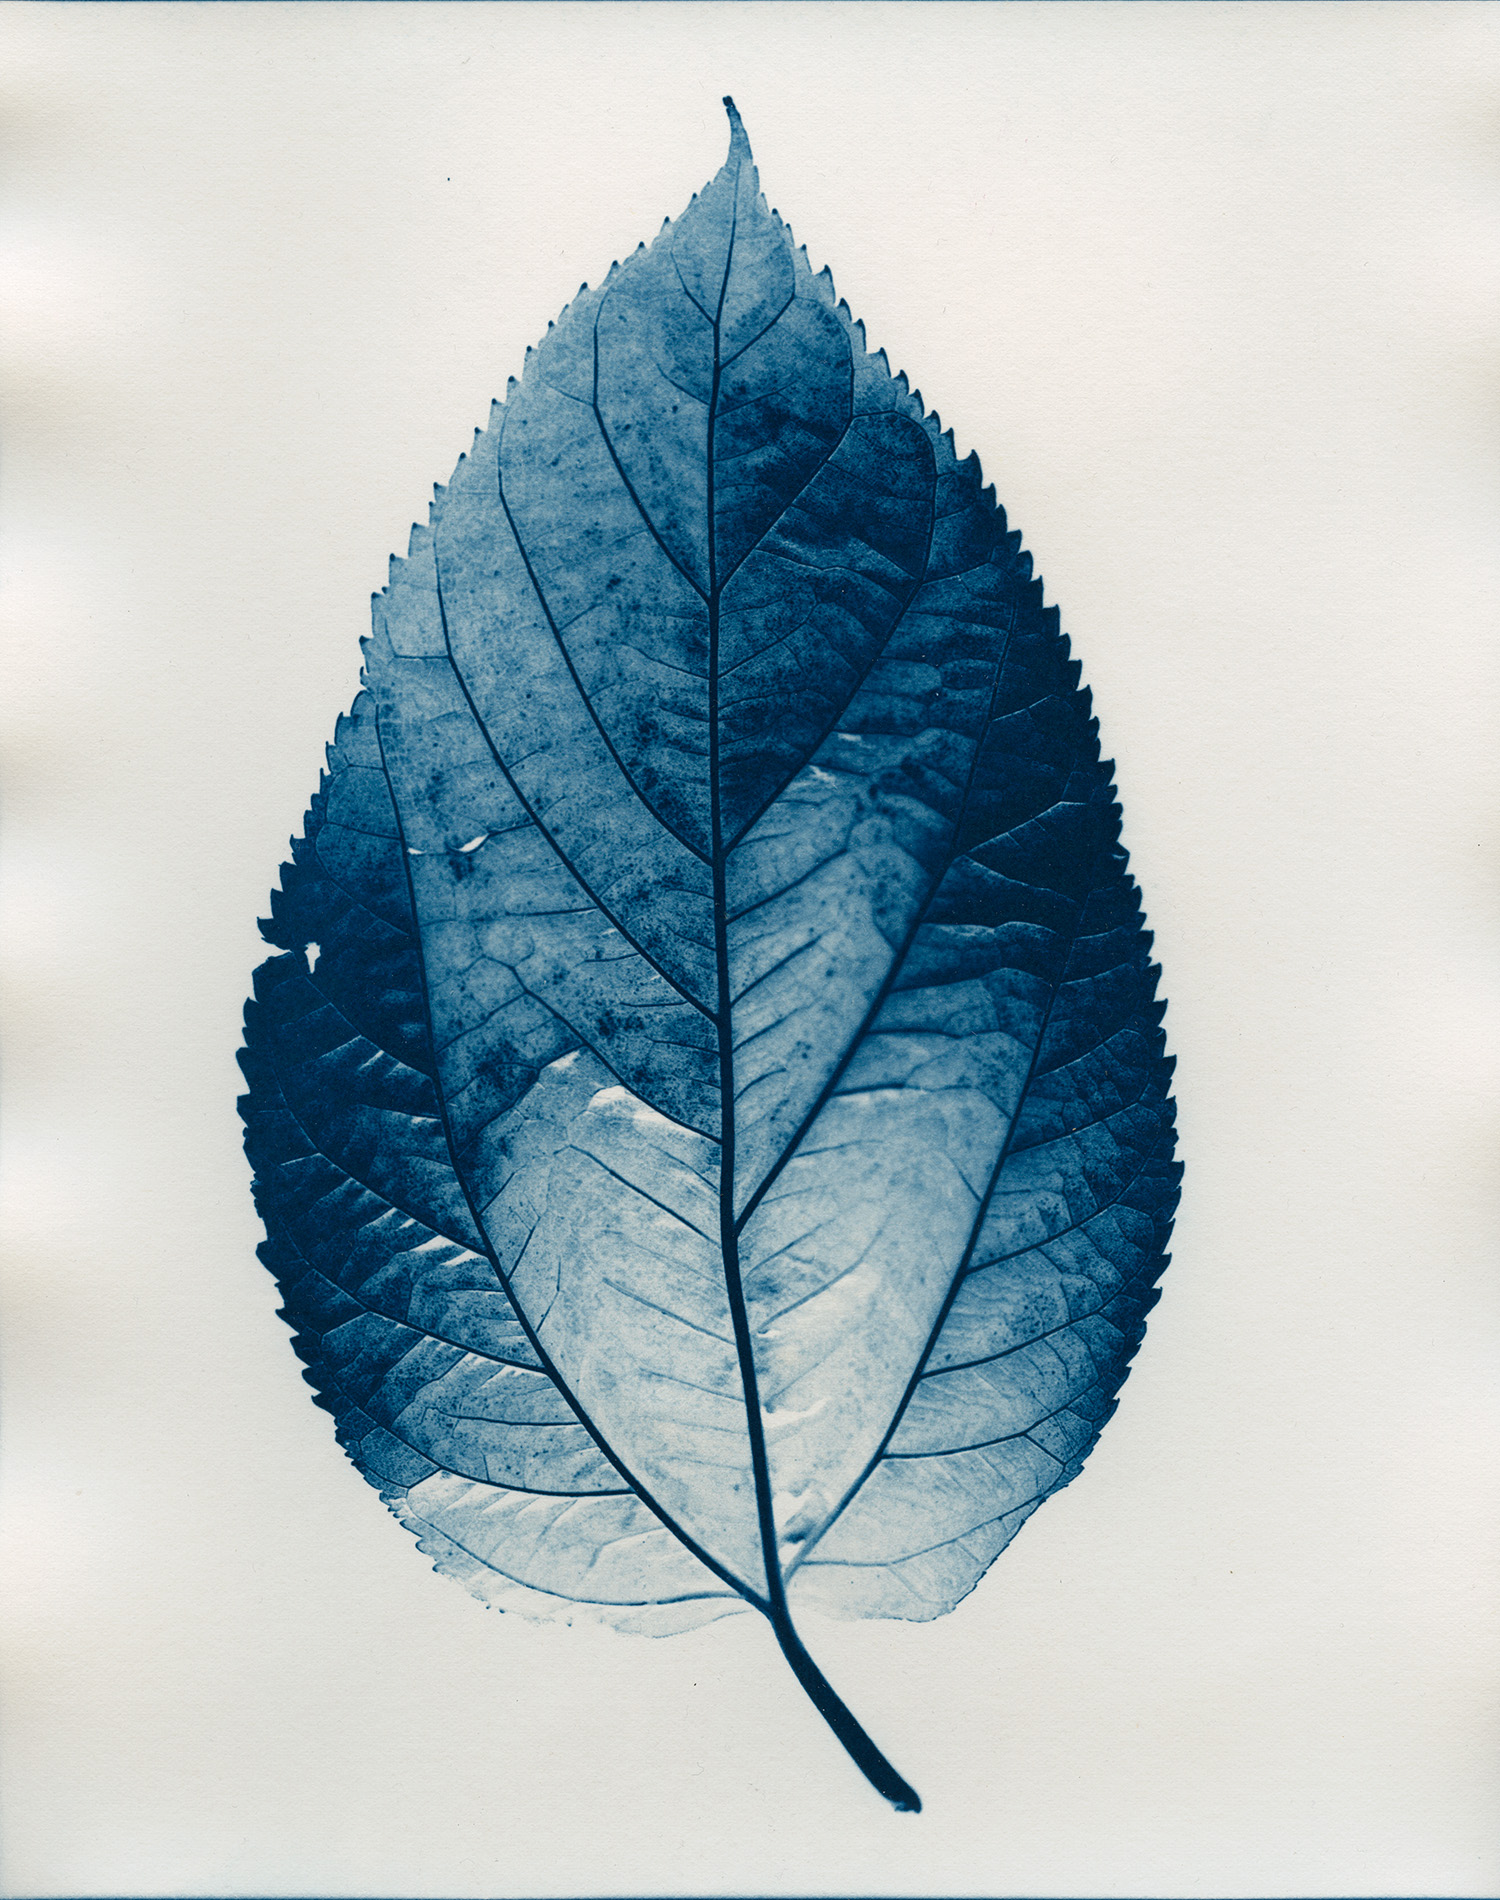 Cyan-Mullberry_Leaf-1900x1500x72dpi-Sq.jpg